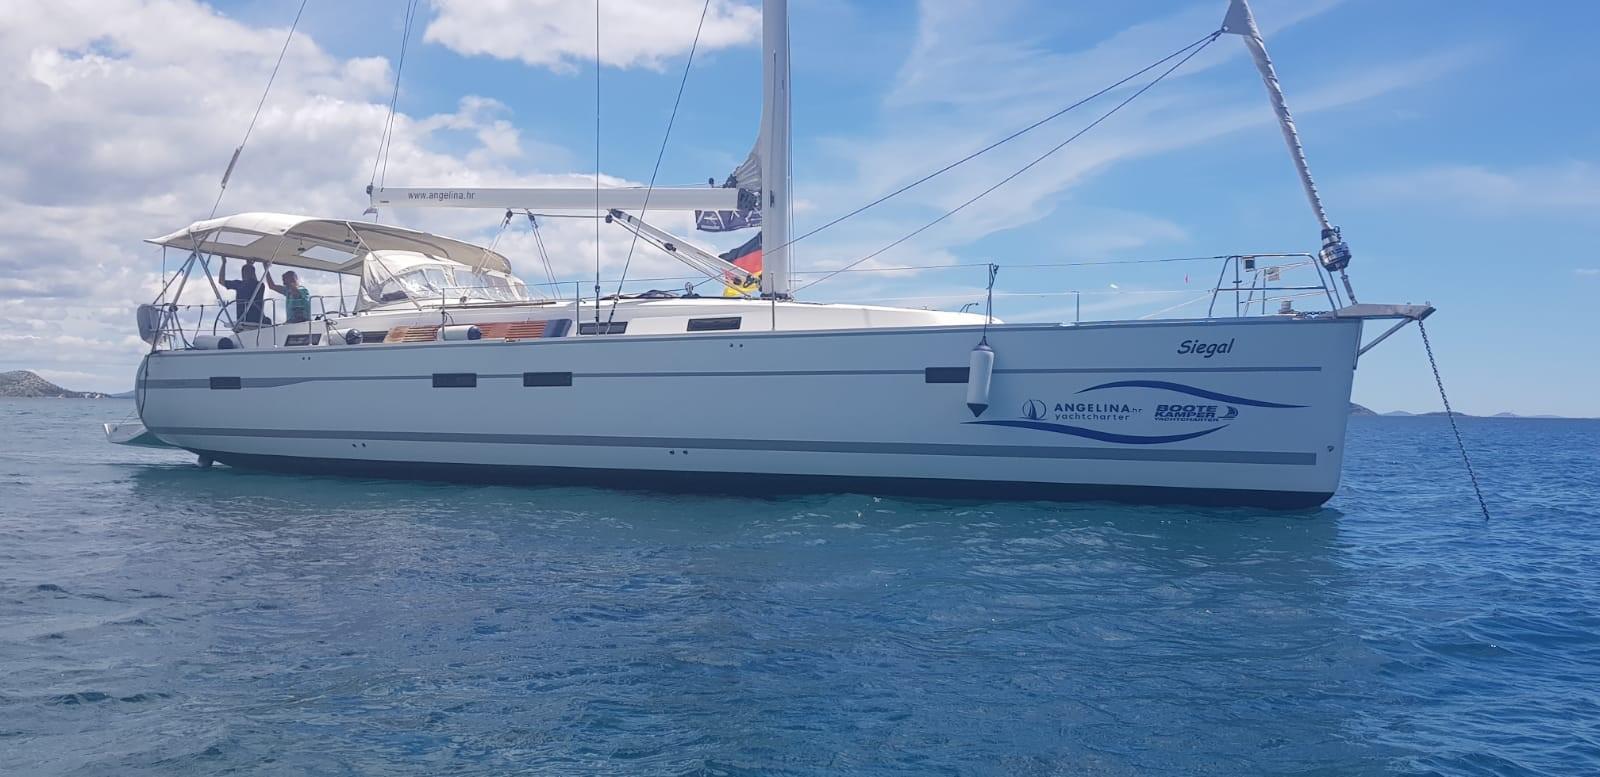 Yachtcharter Segelboot vor Anker in Kroatien